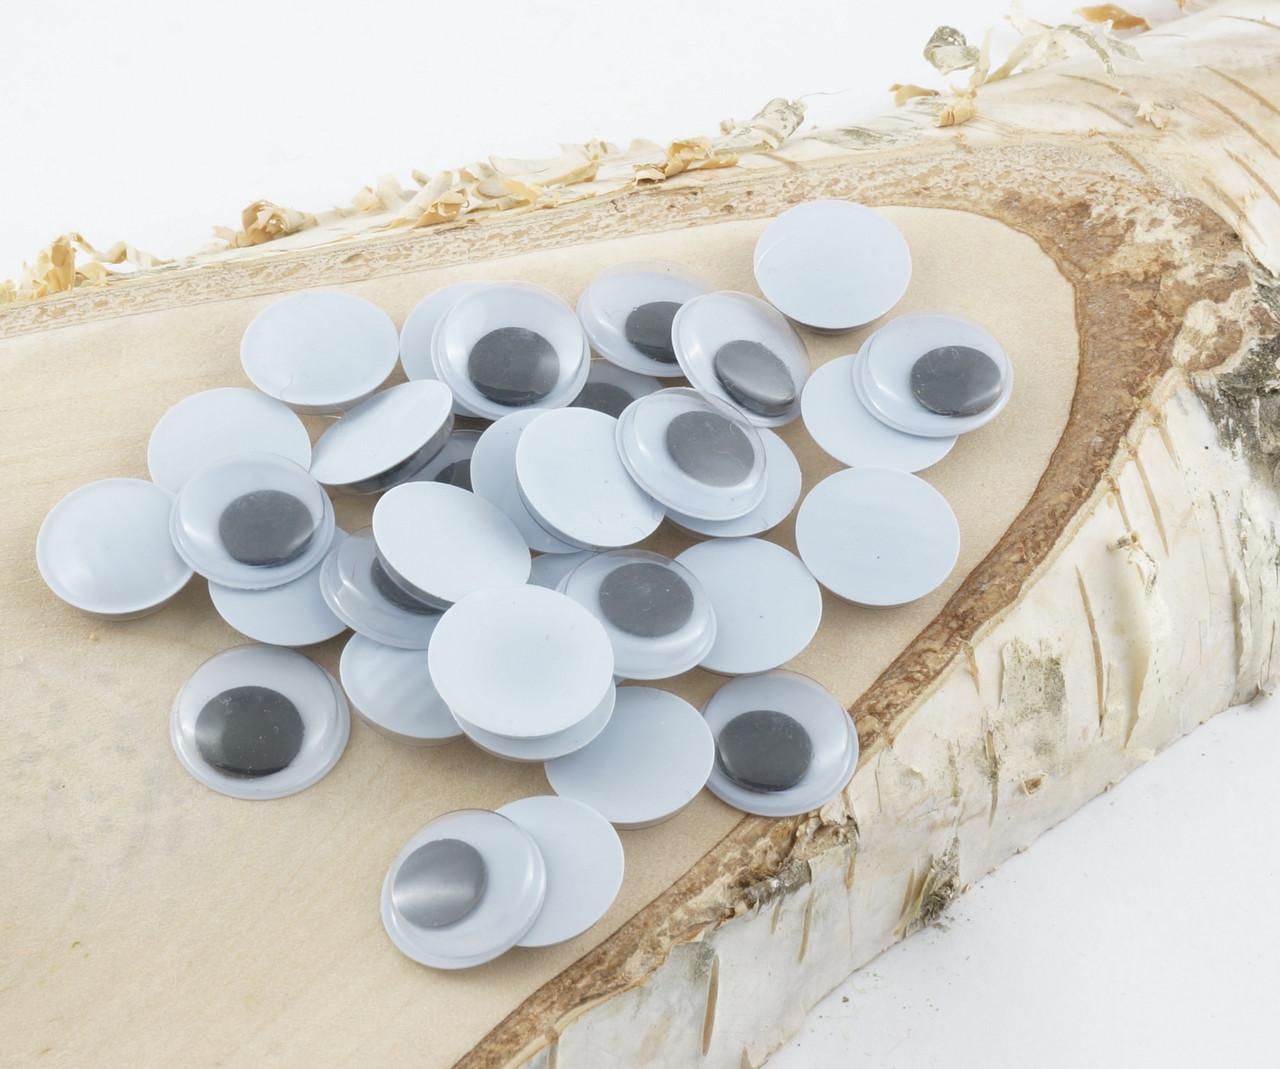 Глазки подвижные для игрушек круглые диаметр 6 мм 10 штук чёрные зрачки. Очі для іграшок круглі